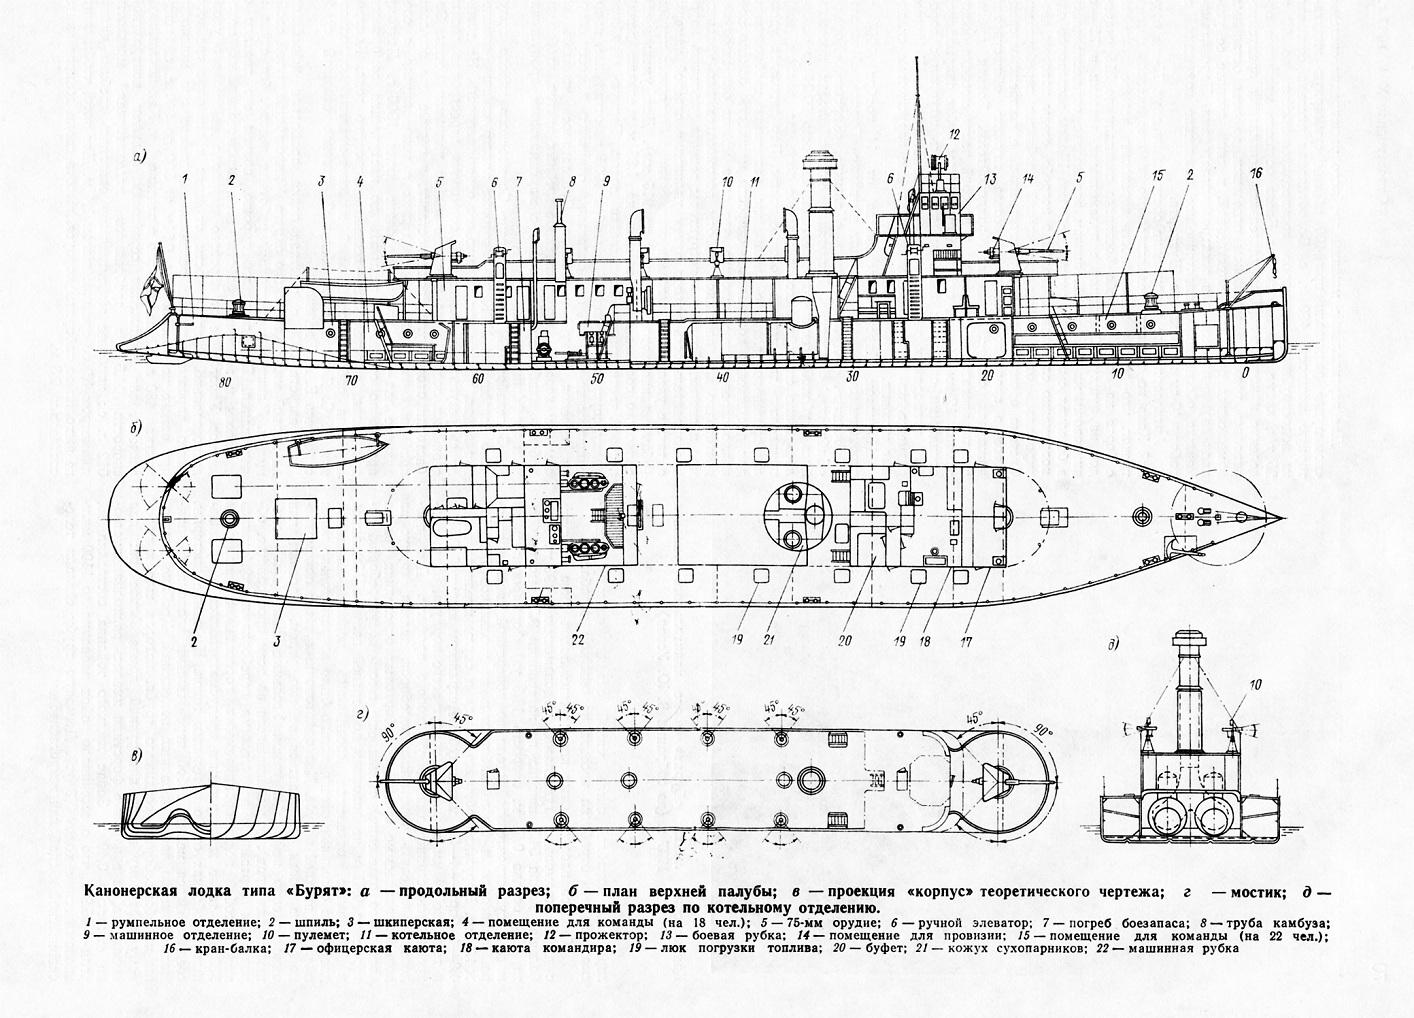 схема канонерской лодки